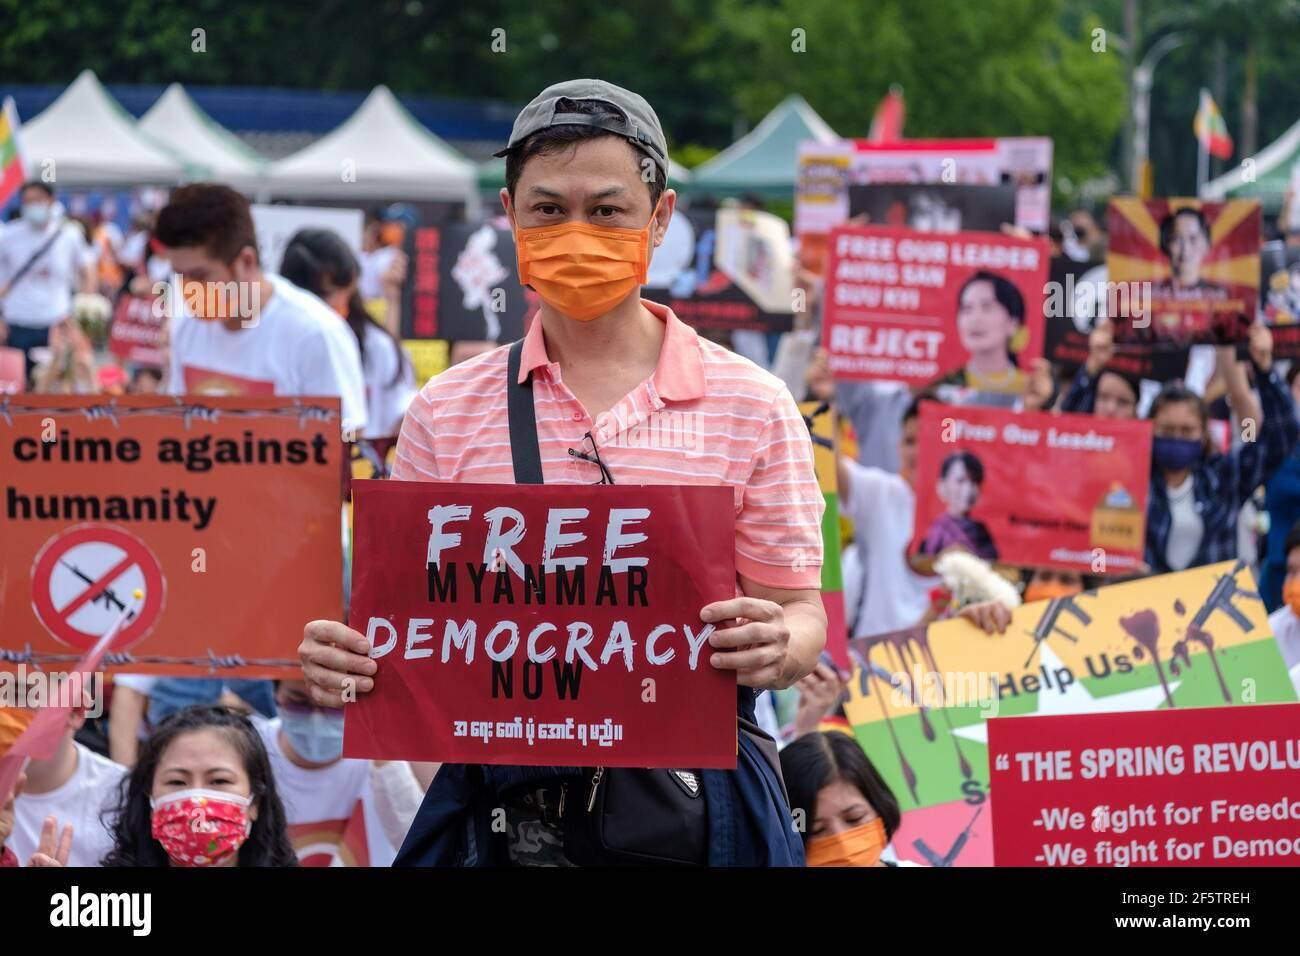 Los manifestantes sostienen pancartas durante la manifestación.los birmanos que viven en Taiwán junto con las comunidades locales se reunieron en la plaza de la libertad para pedir el fin del golpe militar en Myanmar. La policía y los soldados militares de Myanmar (tatmadow) atacaron a los manifestantes con balas de goma, municiones vivas, gases lacrimógenos y bombas de aturdimiento en respuesta a los manifestantes contra el golpe militar que se hicieron el sábado en Myanmar, matando a más de 100 personas e hirieron a muchas otras. Al menos 300 personas han sido asesinadas en Myanmar desde el golpe de Estado del 1 de febrero, dijo un funcionario de derechos humanos de la ONU. Los militares de Myanmar detenidos Consejero de Estado Foto de stock